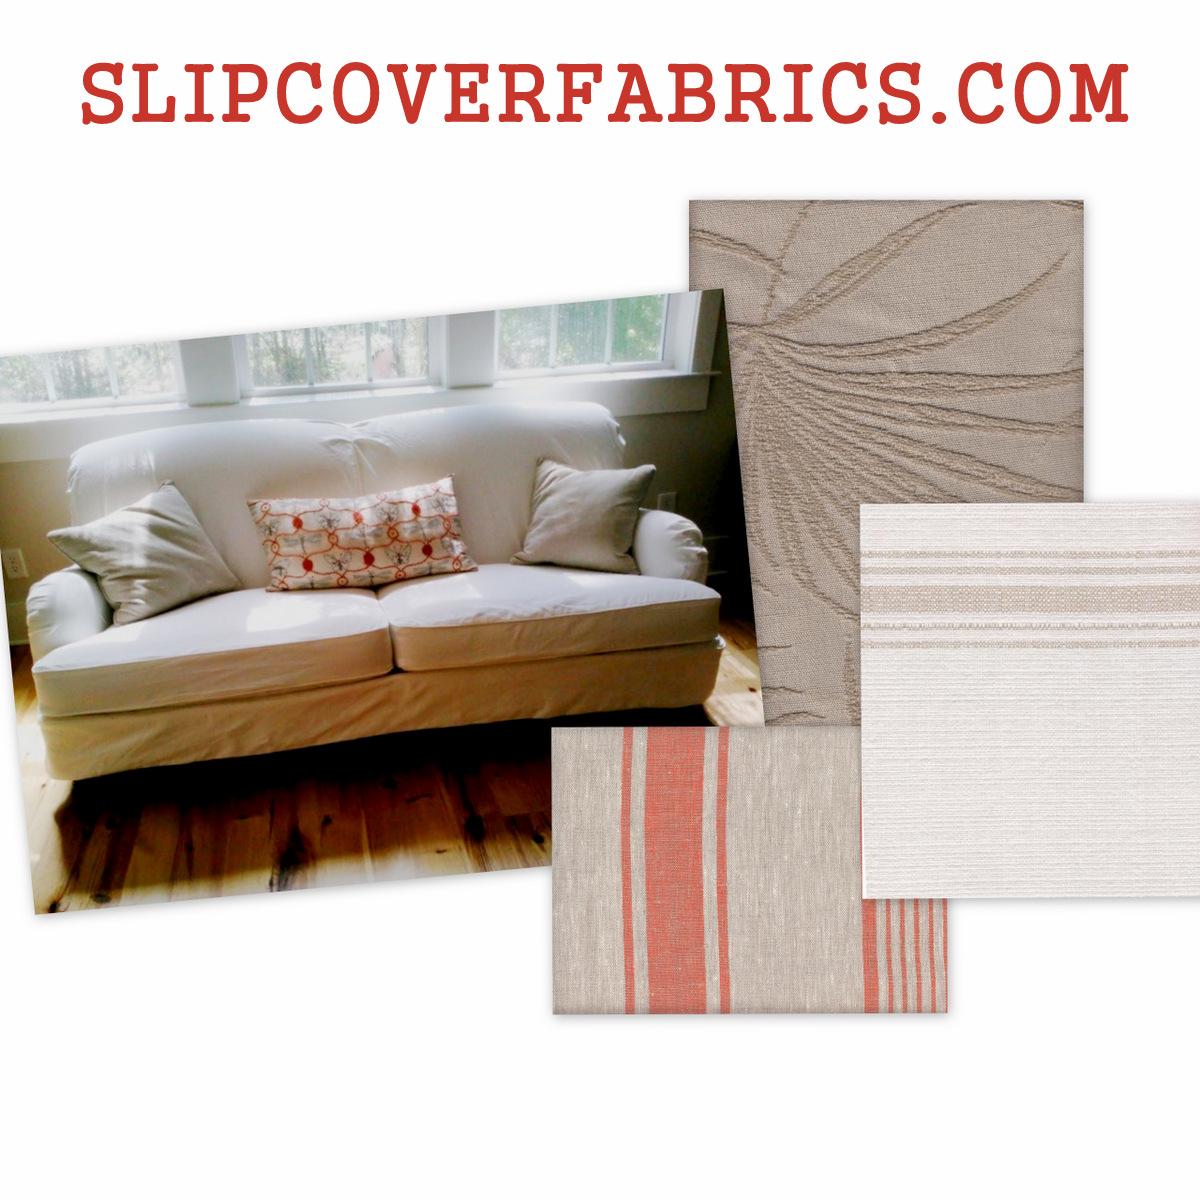 slipcoverfabrics.com online slipcover fabric store